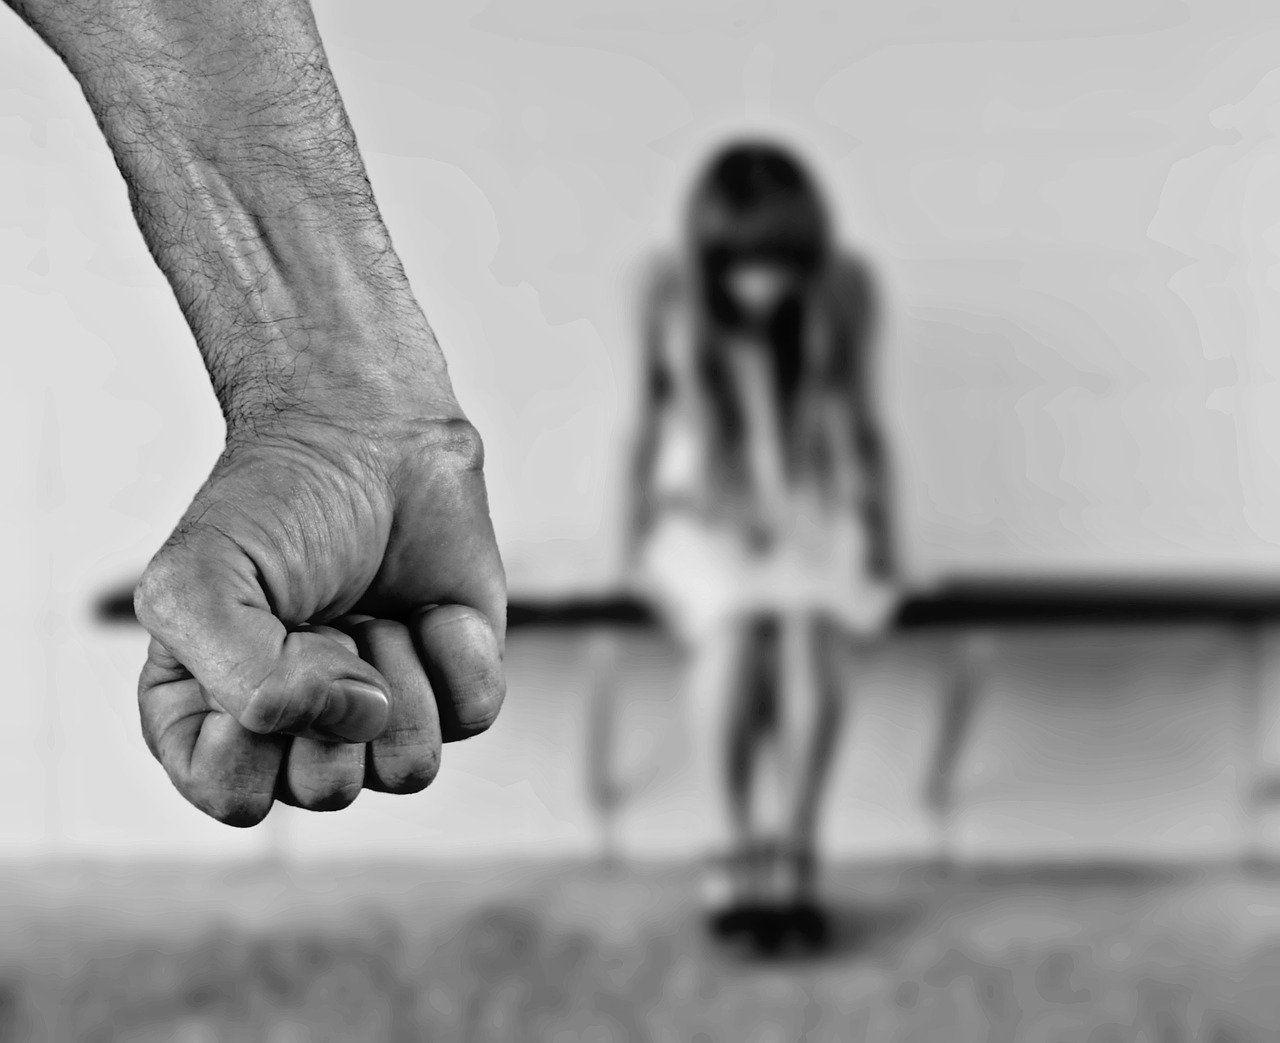 Međunarodni dan borbe protiv nasilja nad ženama: Svaka treća žena u Hrvatskoj zlostavljana je u bračnoj zajednici